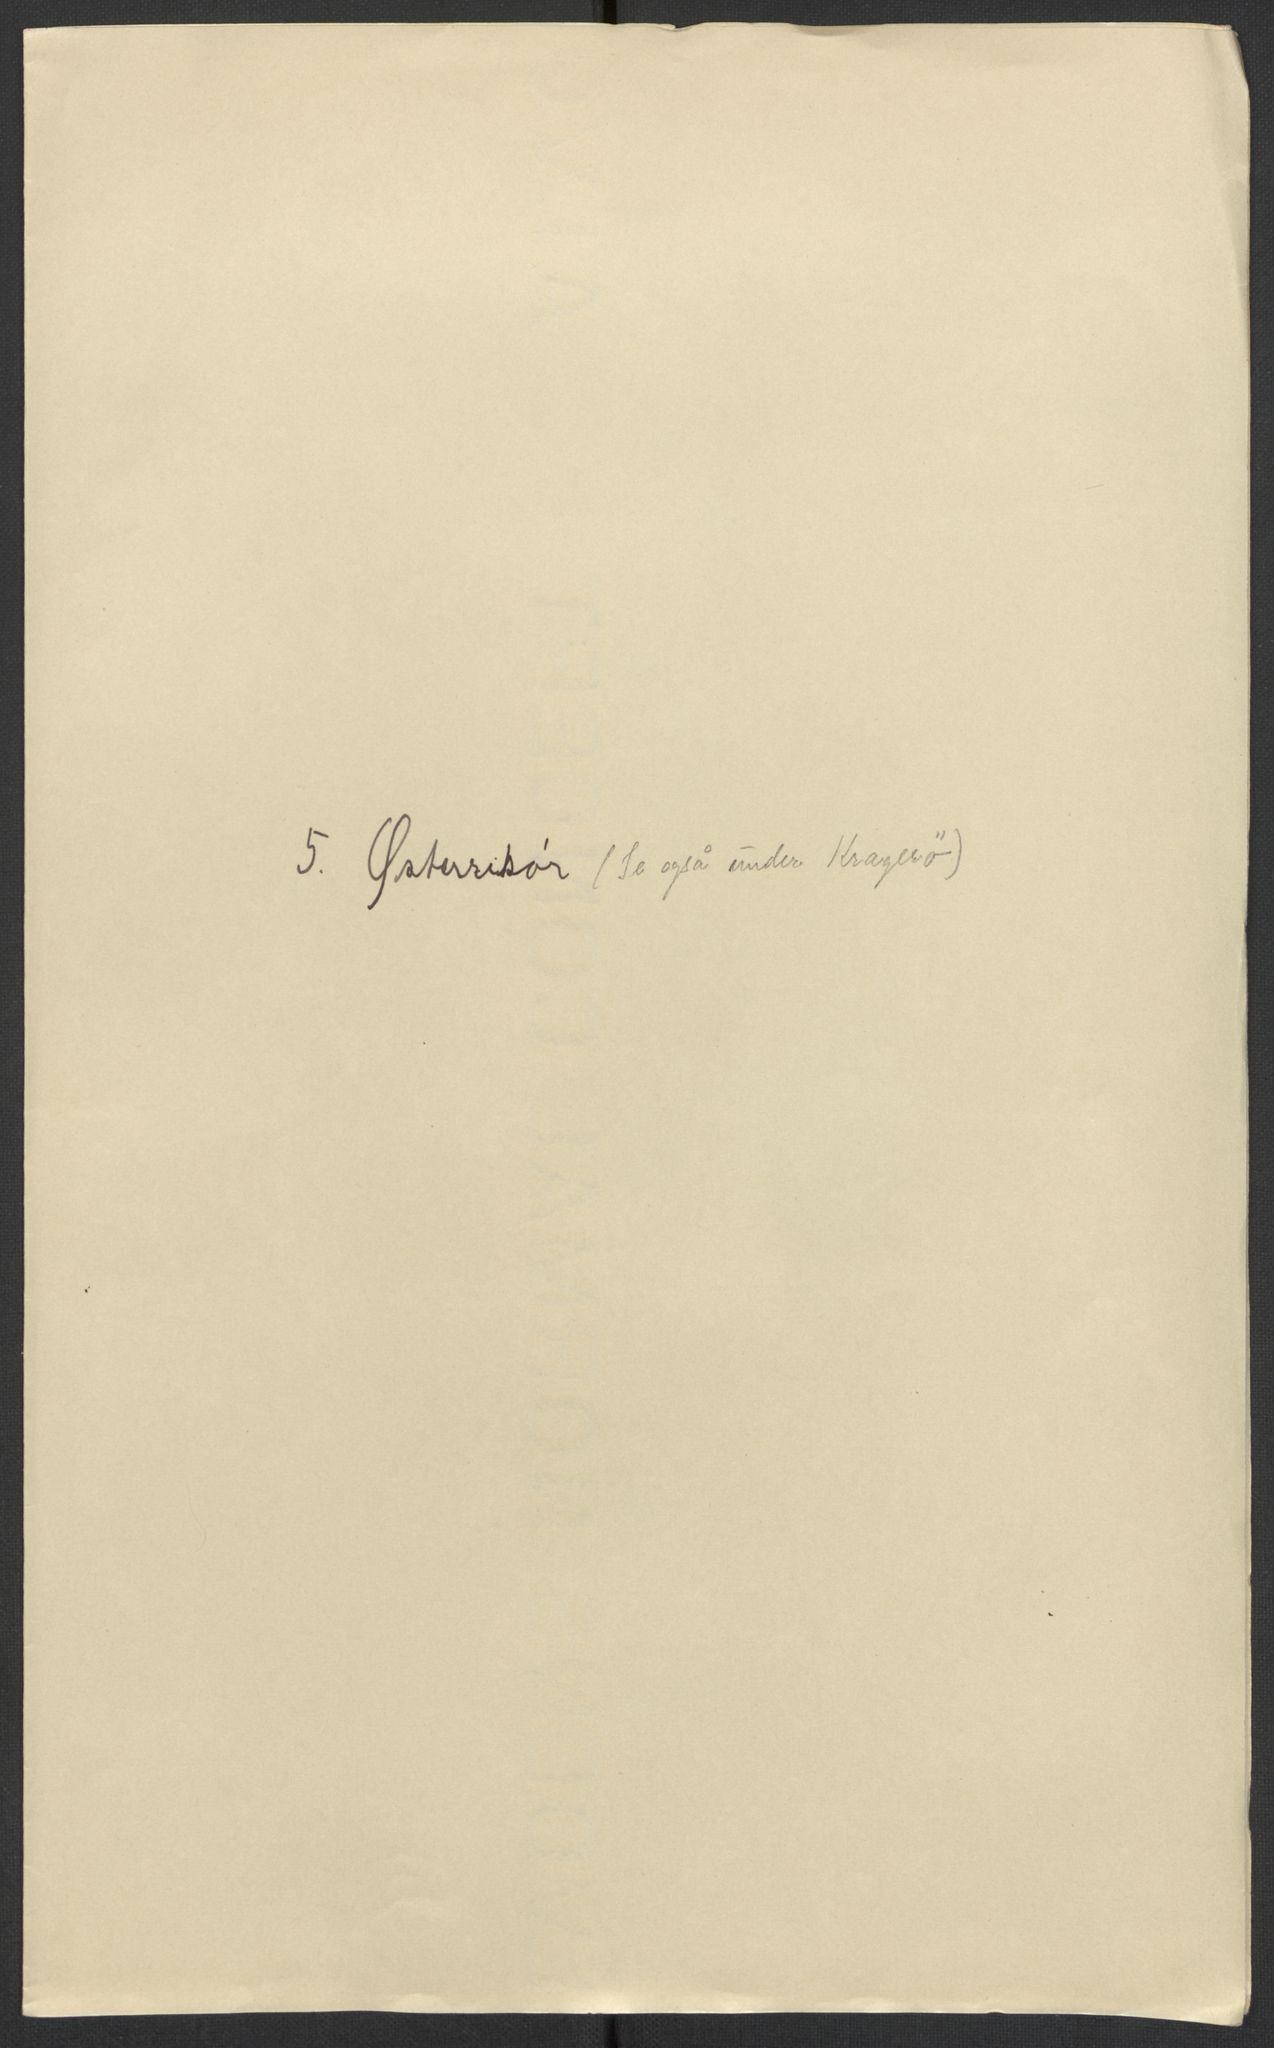 RA, Stattholderembetet 1572-1771, El/L0024: Forskjellige pakkesaker, 1667, s. 22